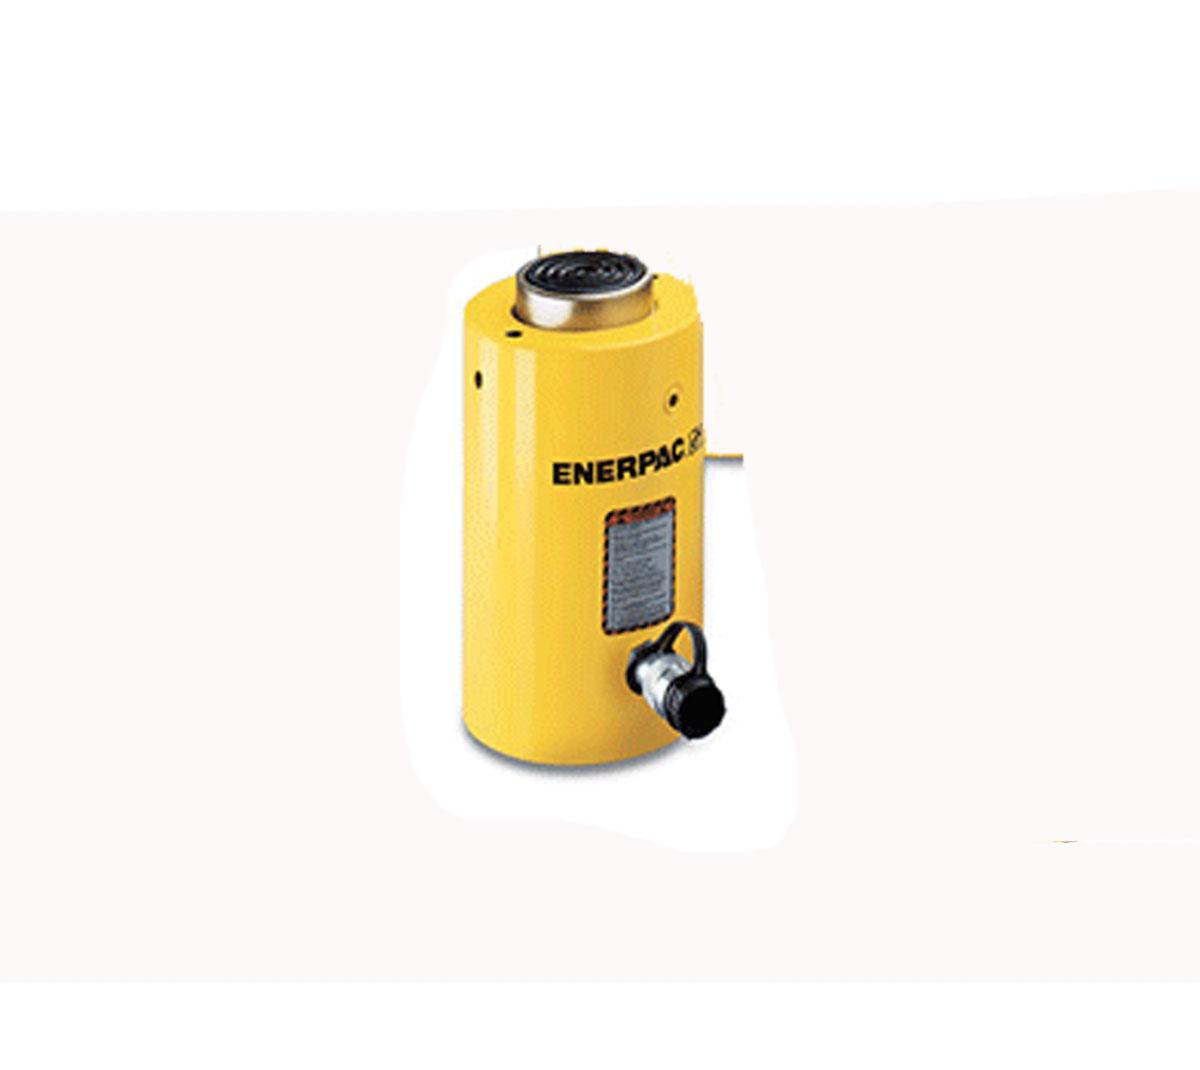 enerpac-clsg506-hydraulic-cylinder-rental